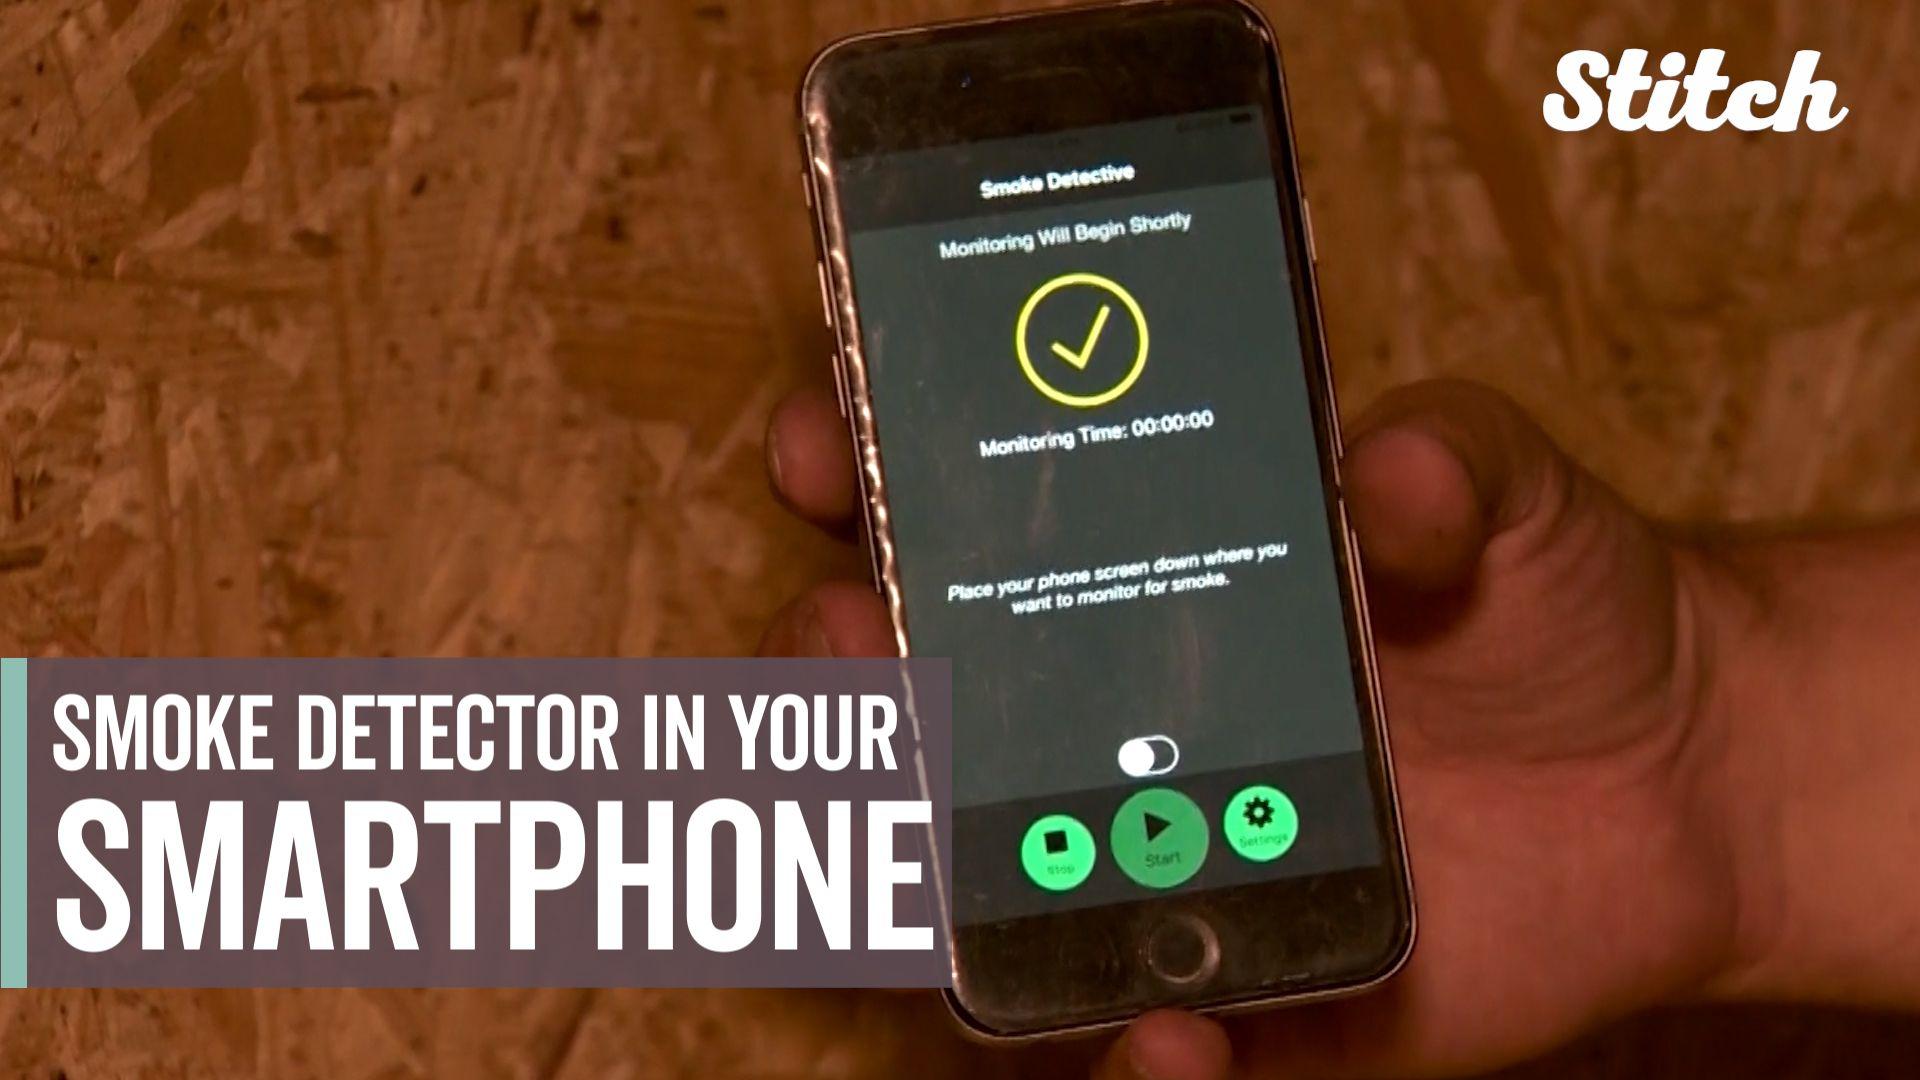 Coding team develops app to turn smartphones into smoke detectors